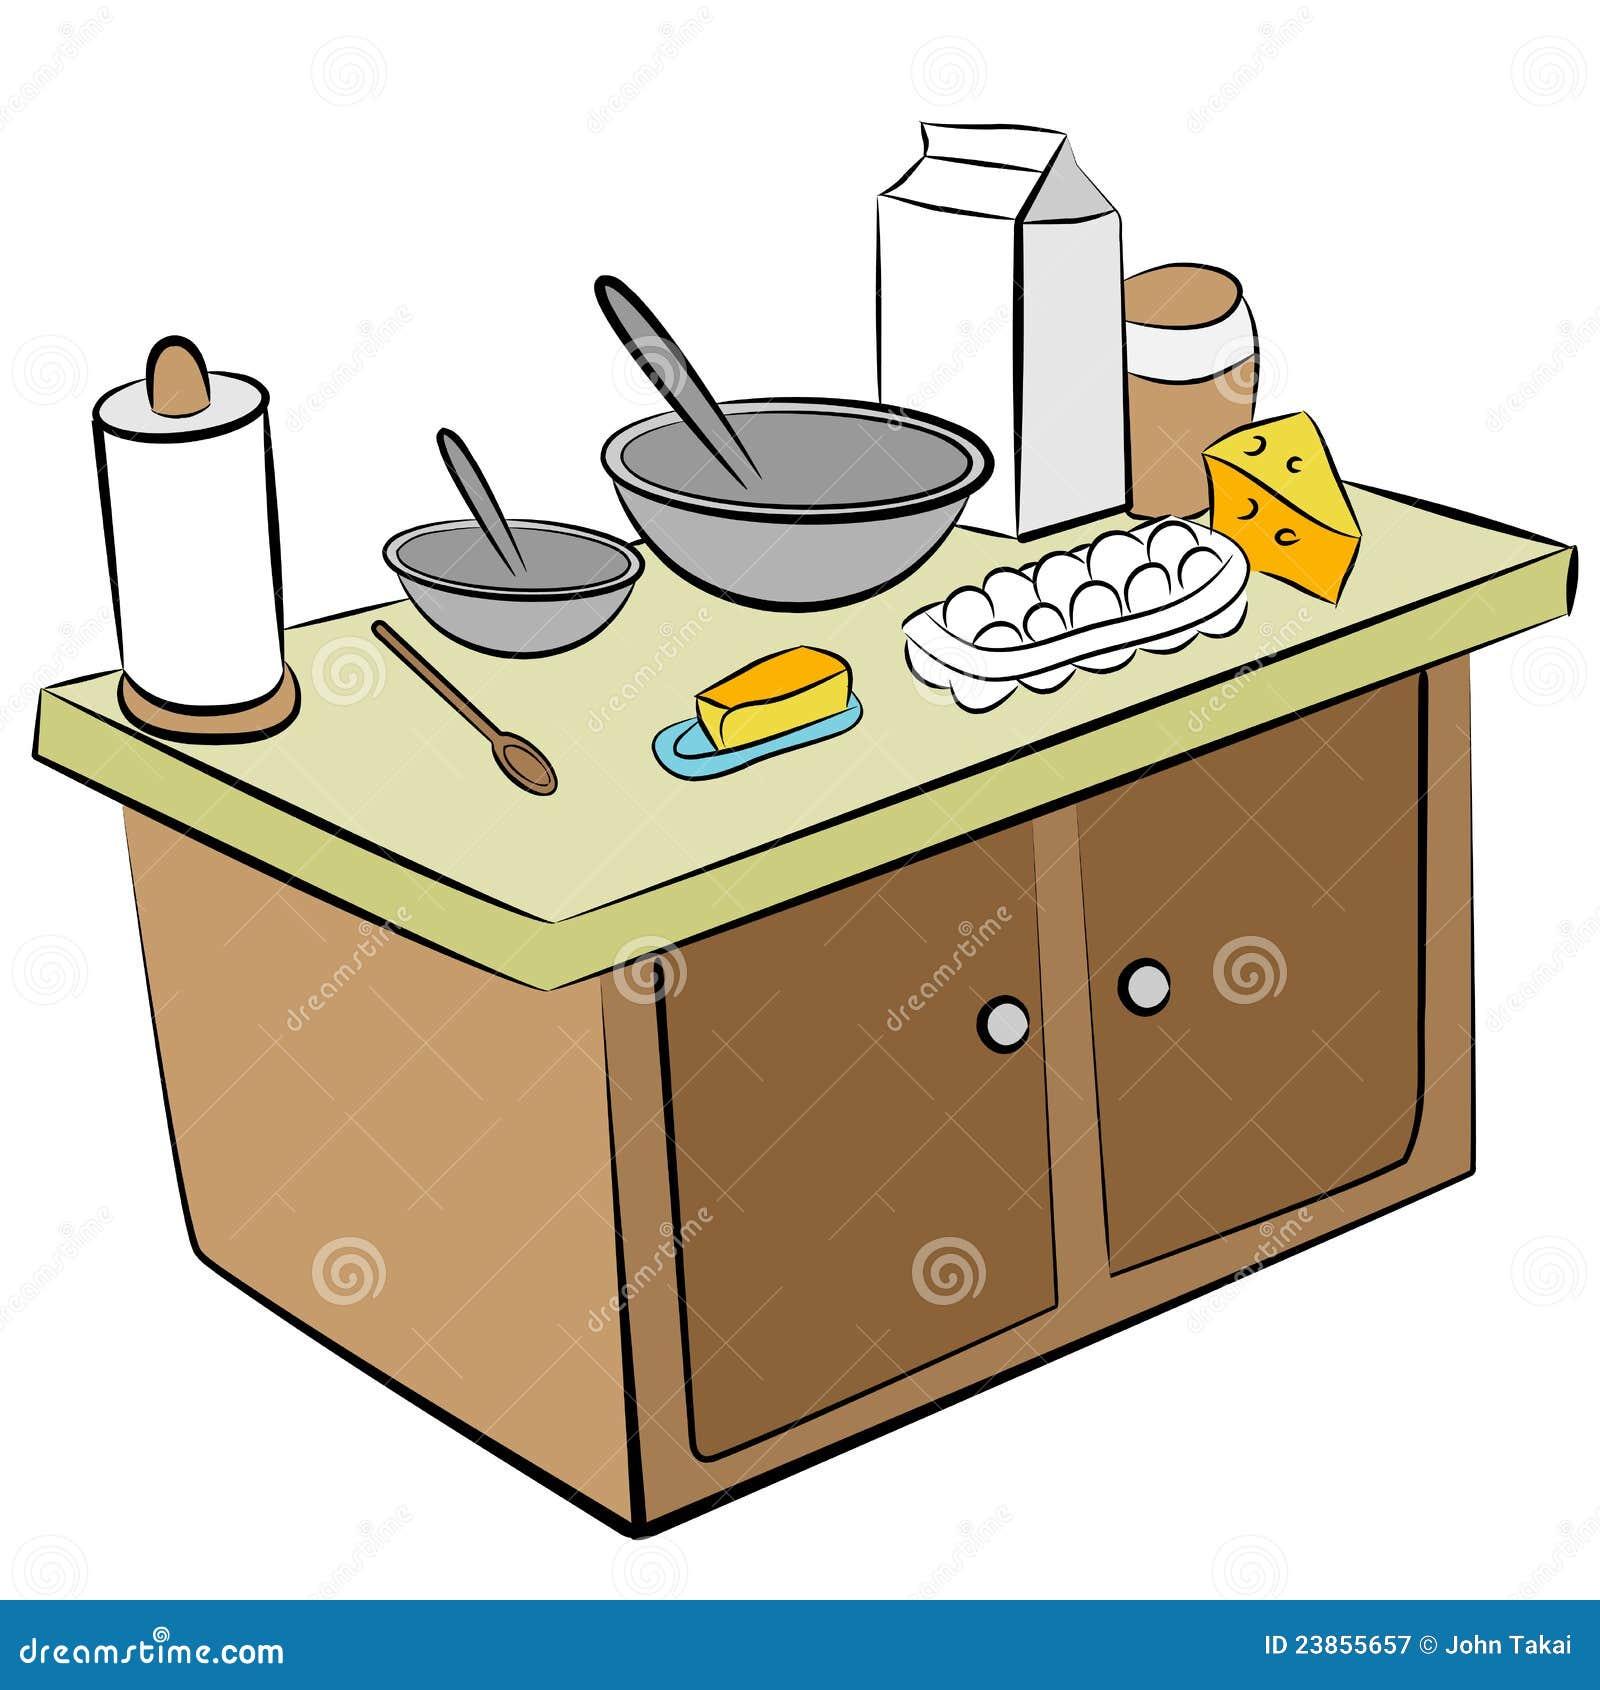 Raw Food Kitchen Tools